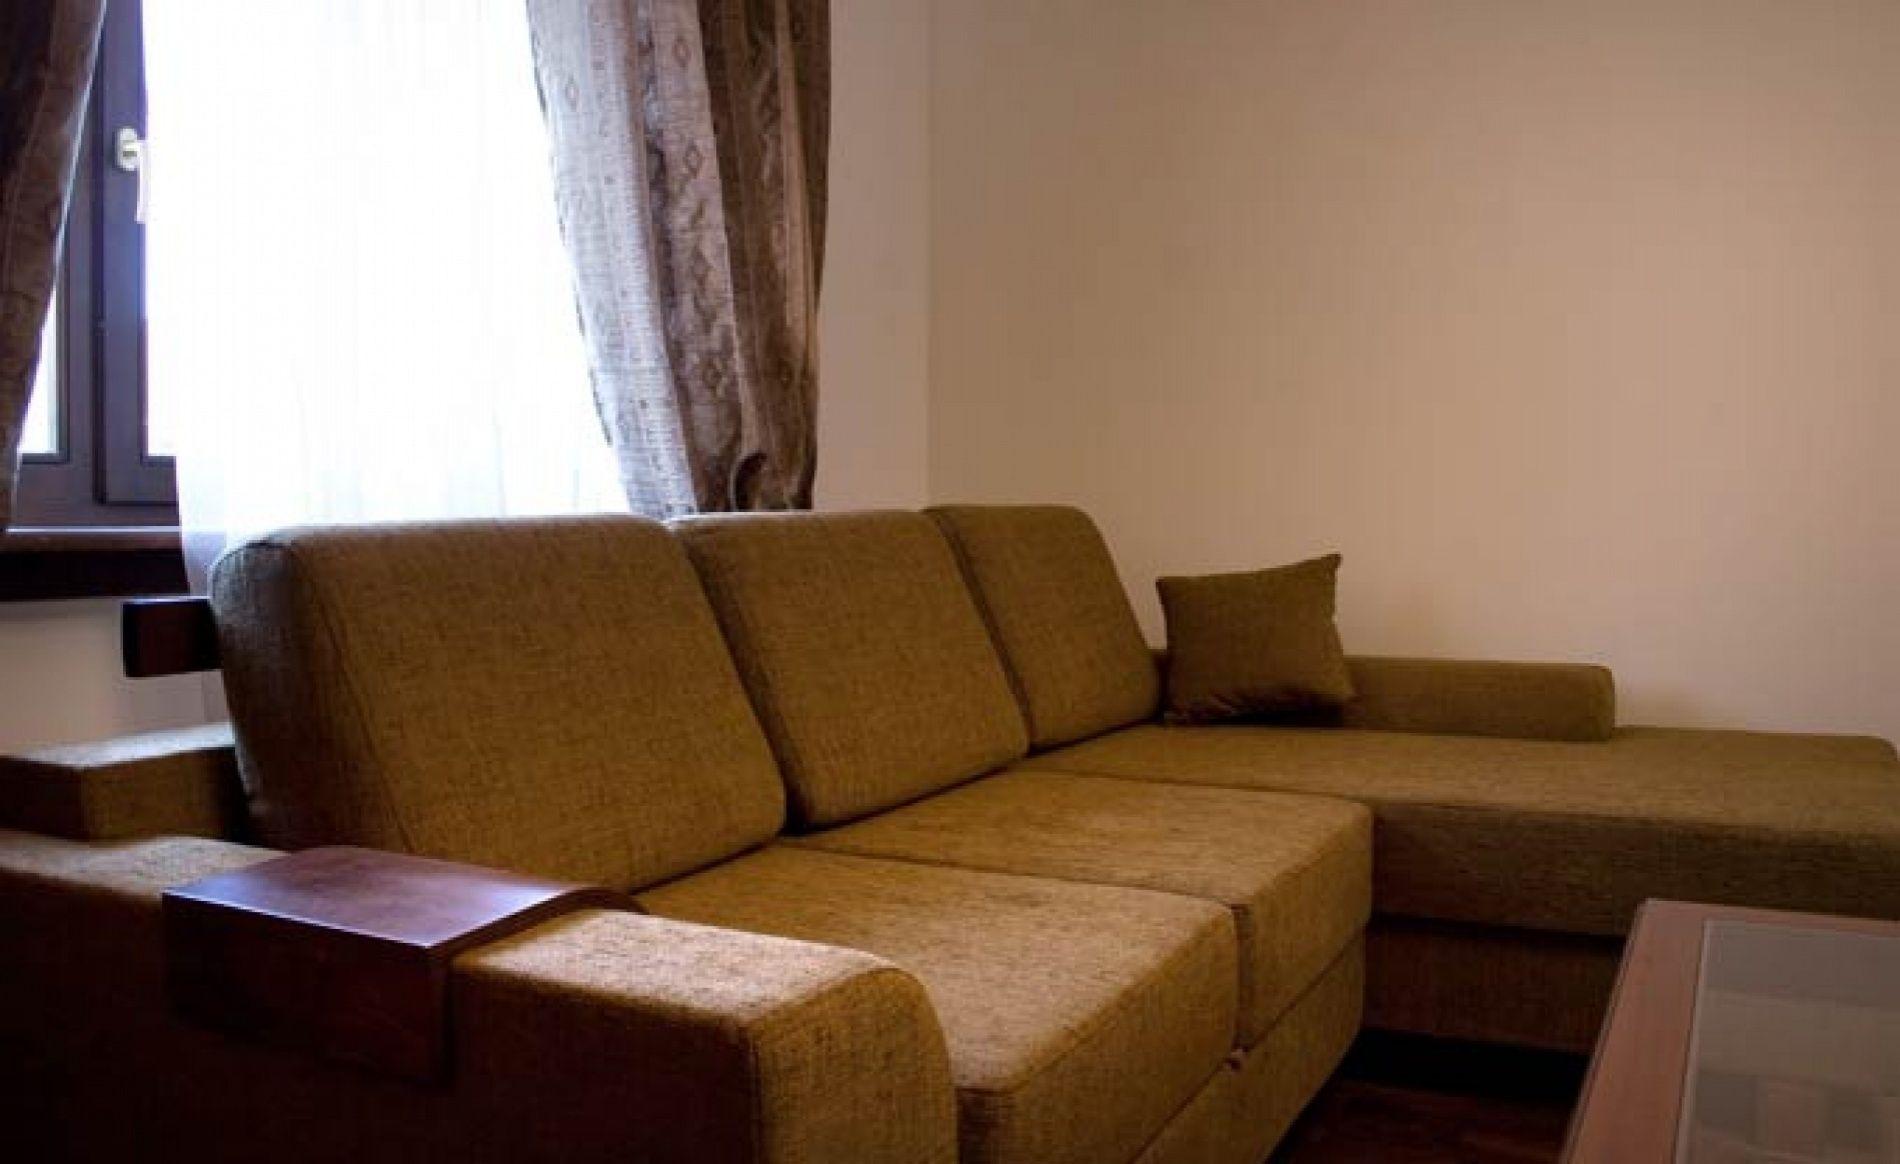 Загородный клуб «Пихтовое» Ленинградская область VIP-Апартаменты, фото 2